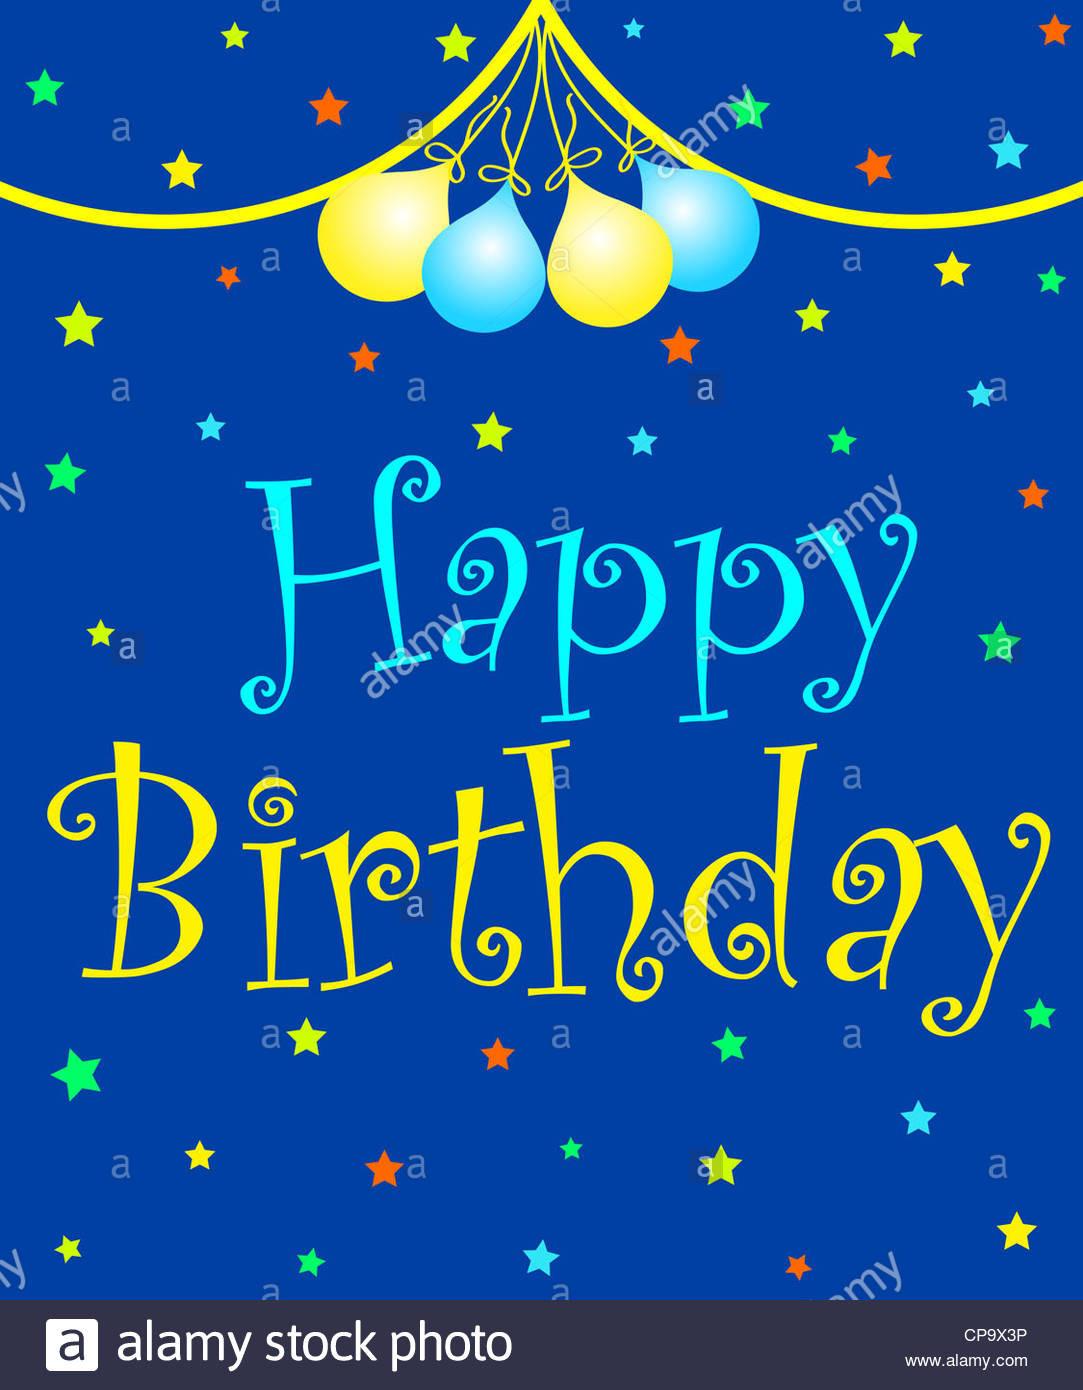 Geburtstagswünsche Sohn  Bunte Feier Ballons Bändern und Sterne mit